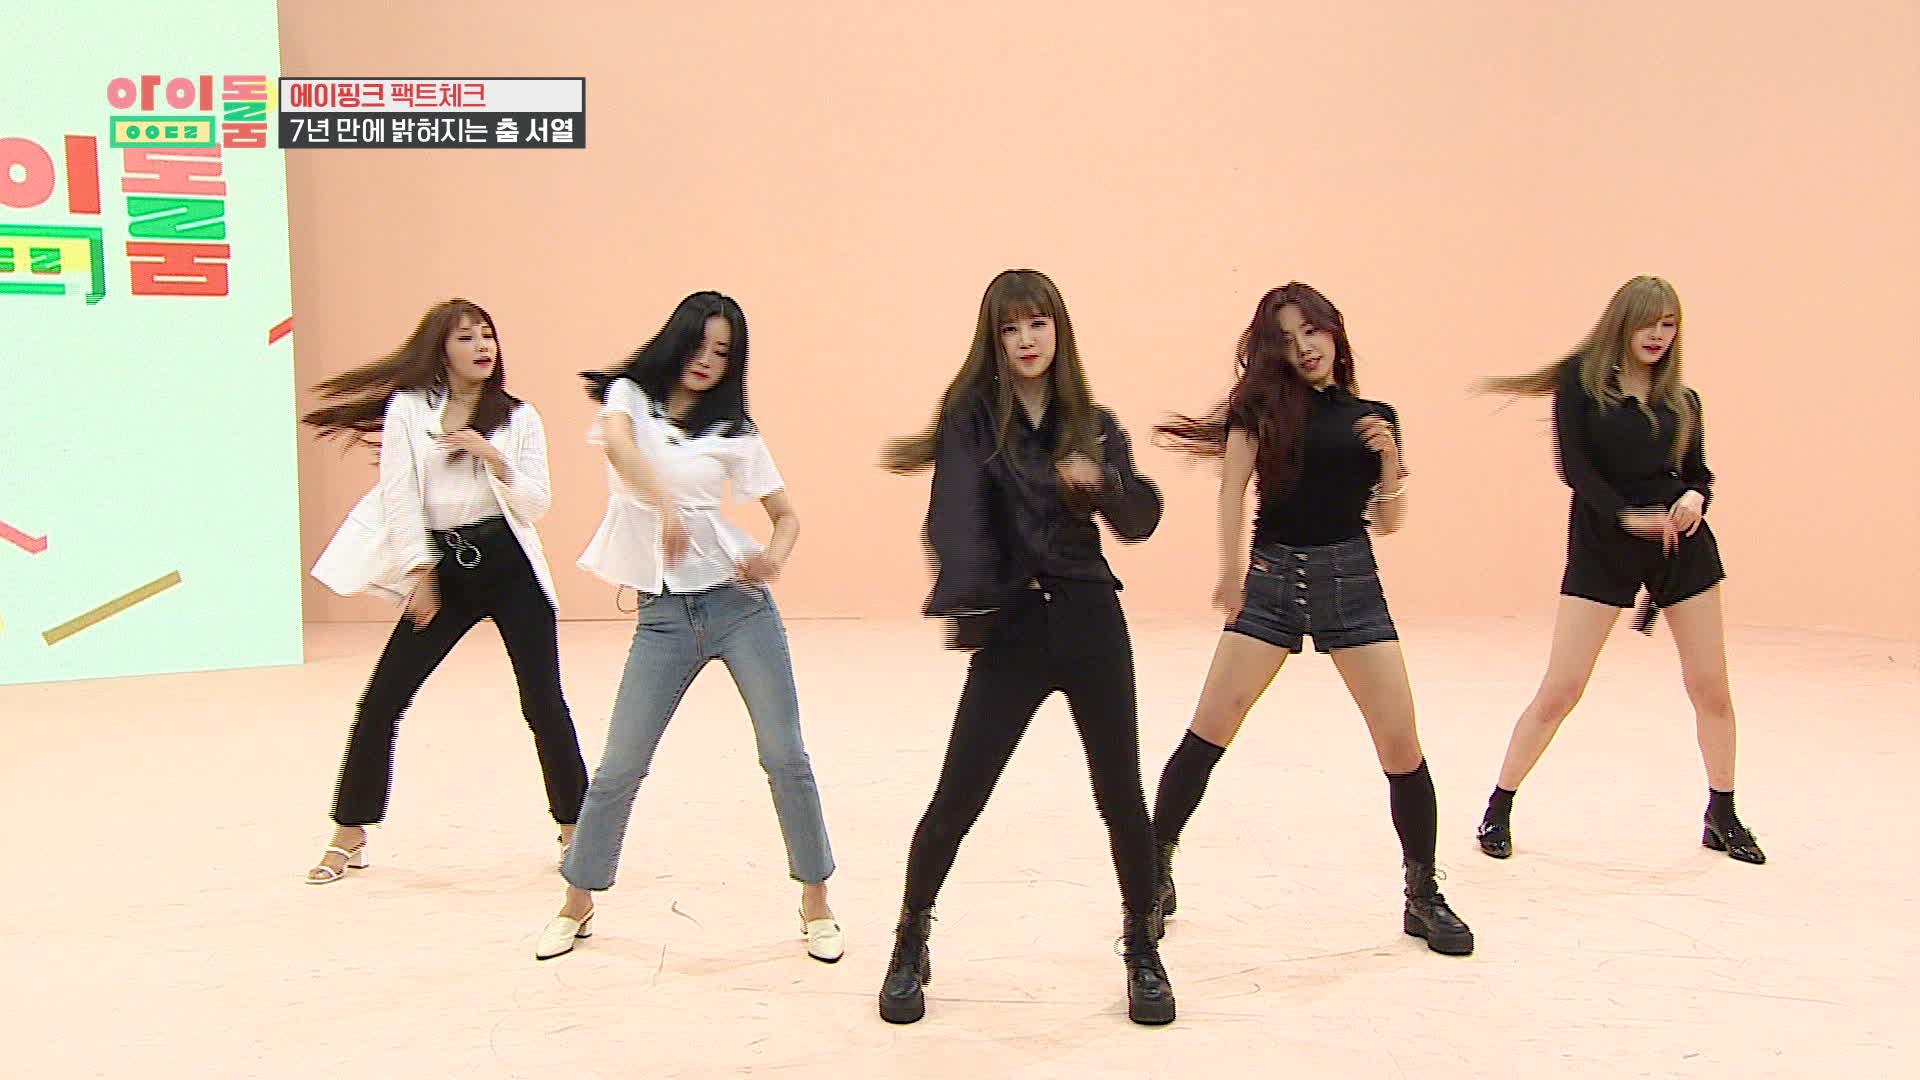 아이돌룸(IDOL ROOM) - 7년만에 밝혀지는 에이핑크 춤 서열! Apink dance ranking